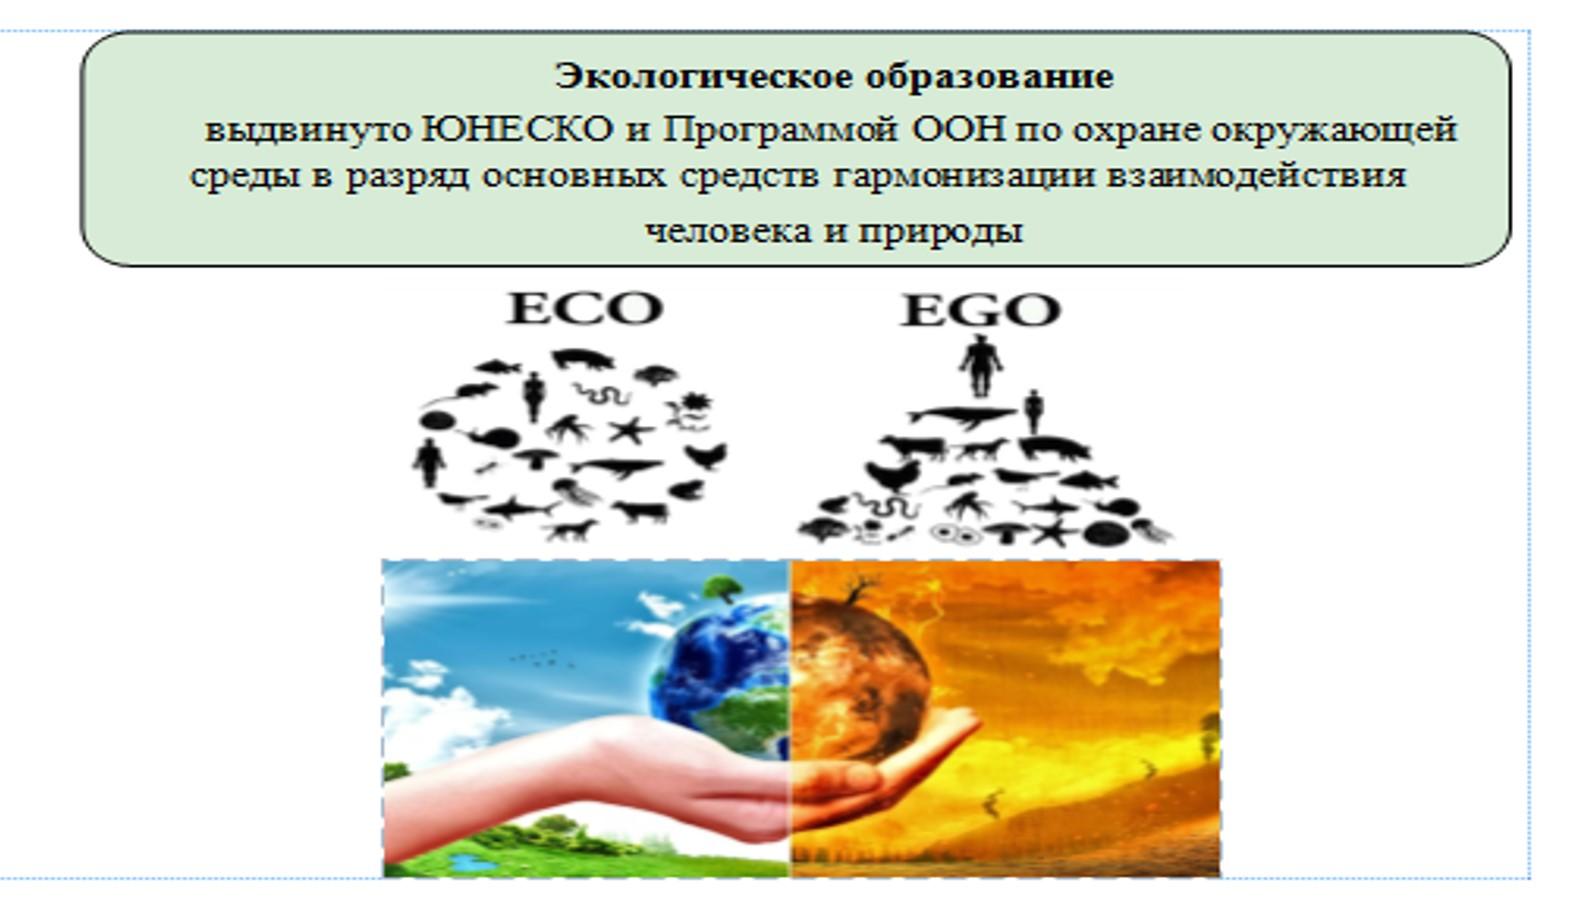 Экологически компетентный человек 21 века  - кто он? 10